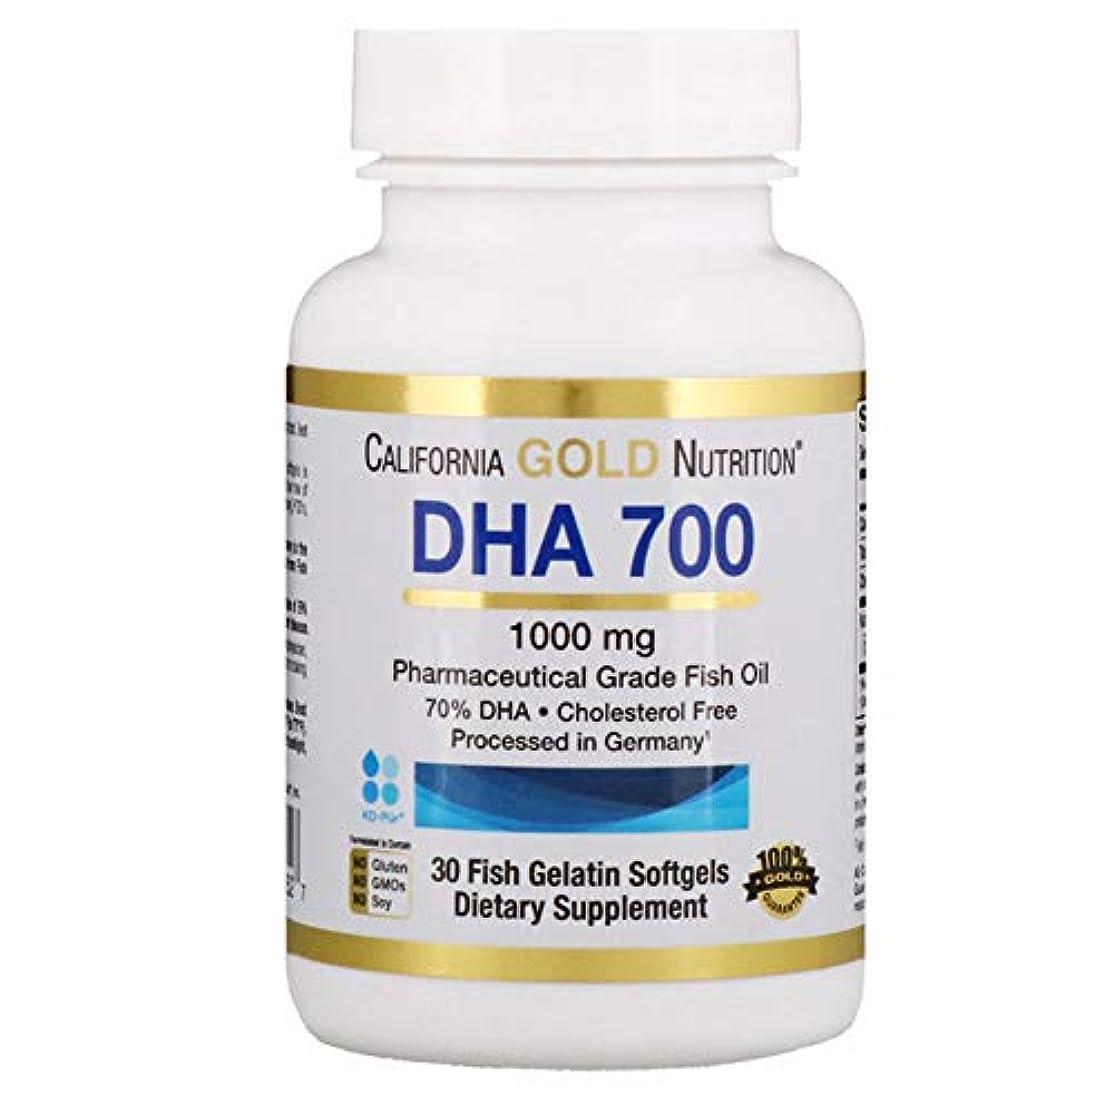 汚染する行進重なるCalifornia Gold Nutrition DHA 700 フィッシュオイル 医薬品グレード 1000 mg 魚ゼラチンソフトジェル 30個 【アメリカ直送】